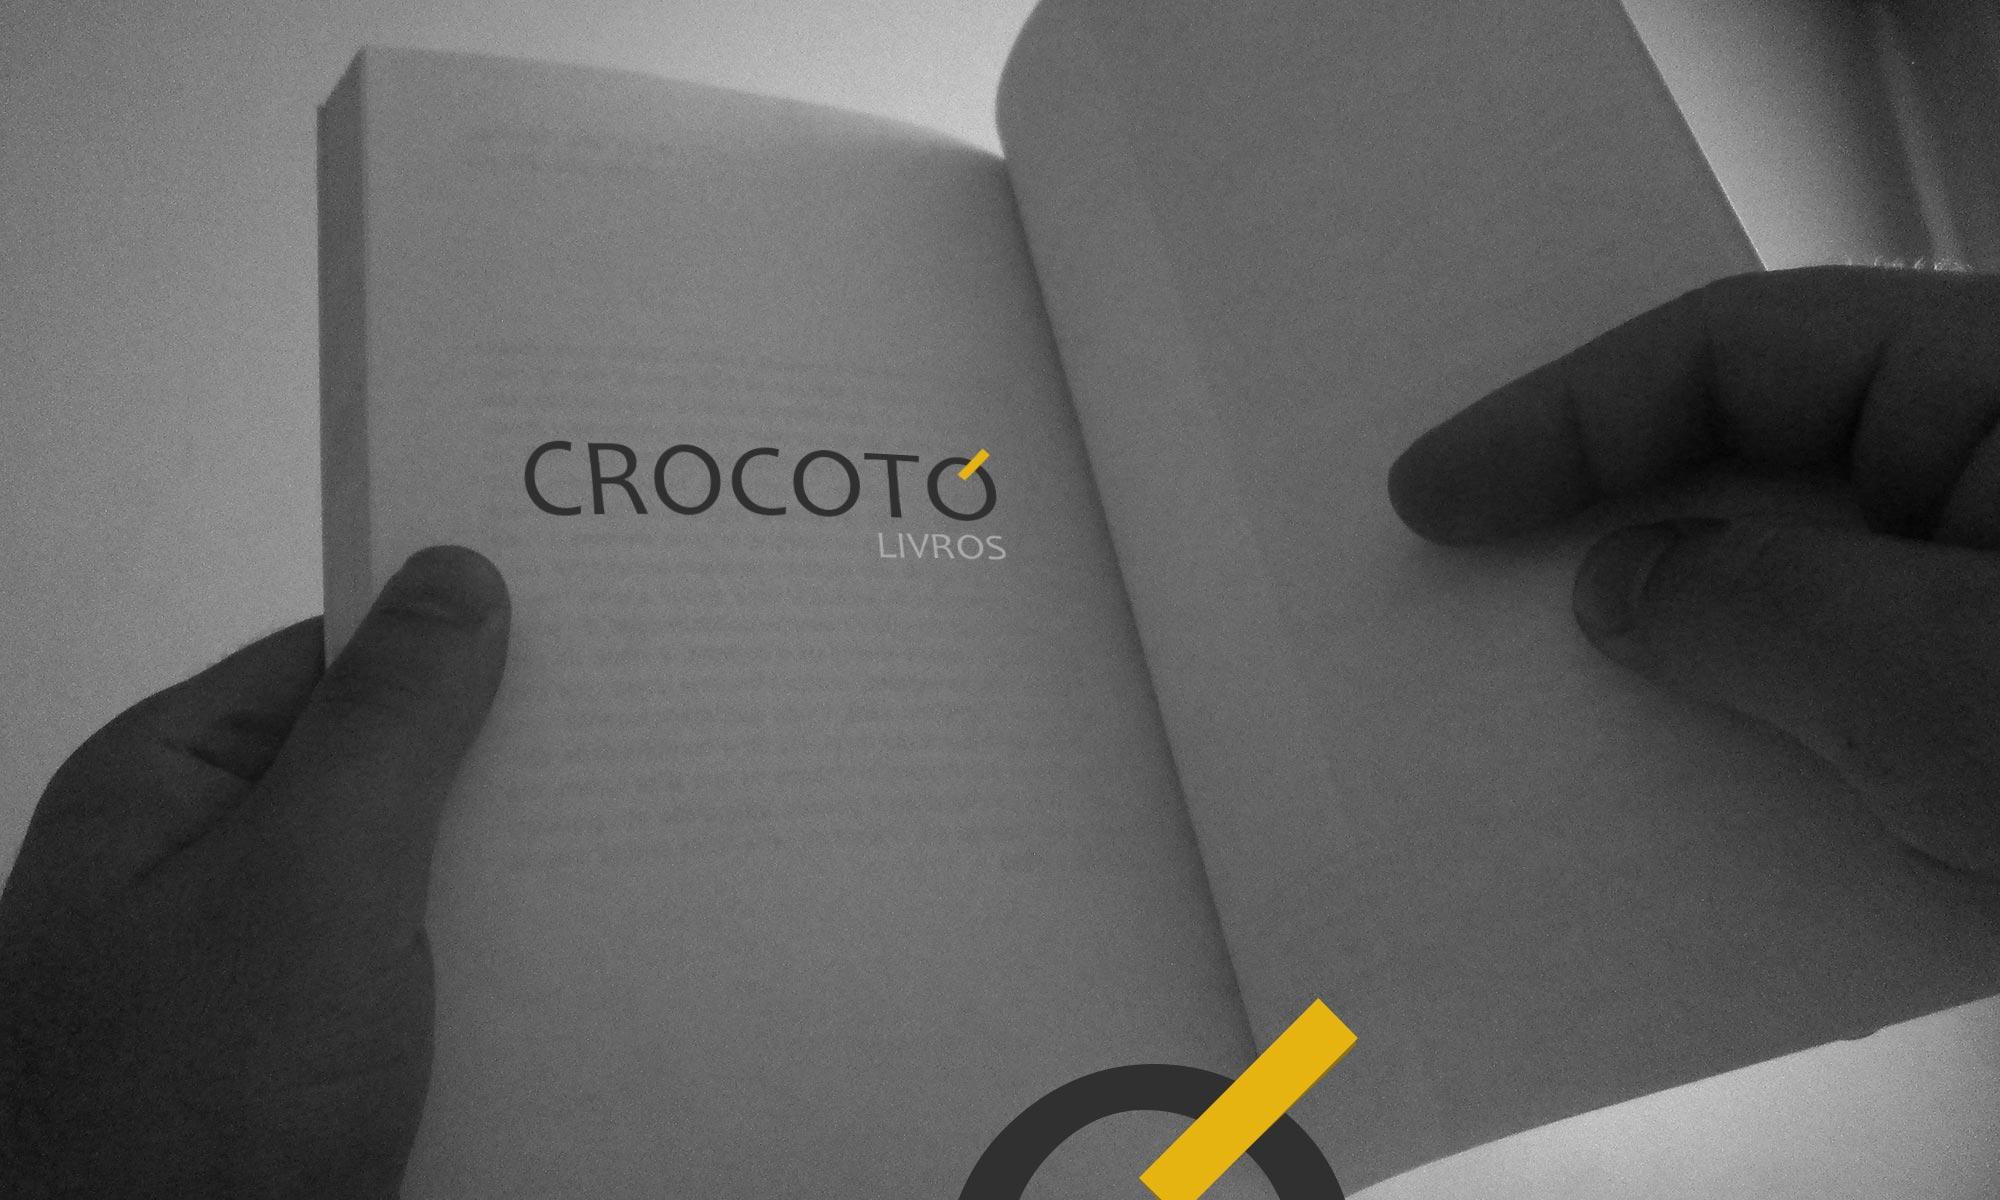 Crocotó Livros